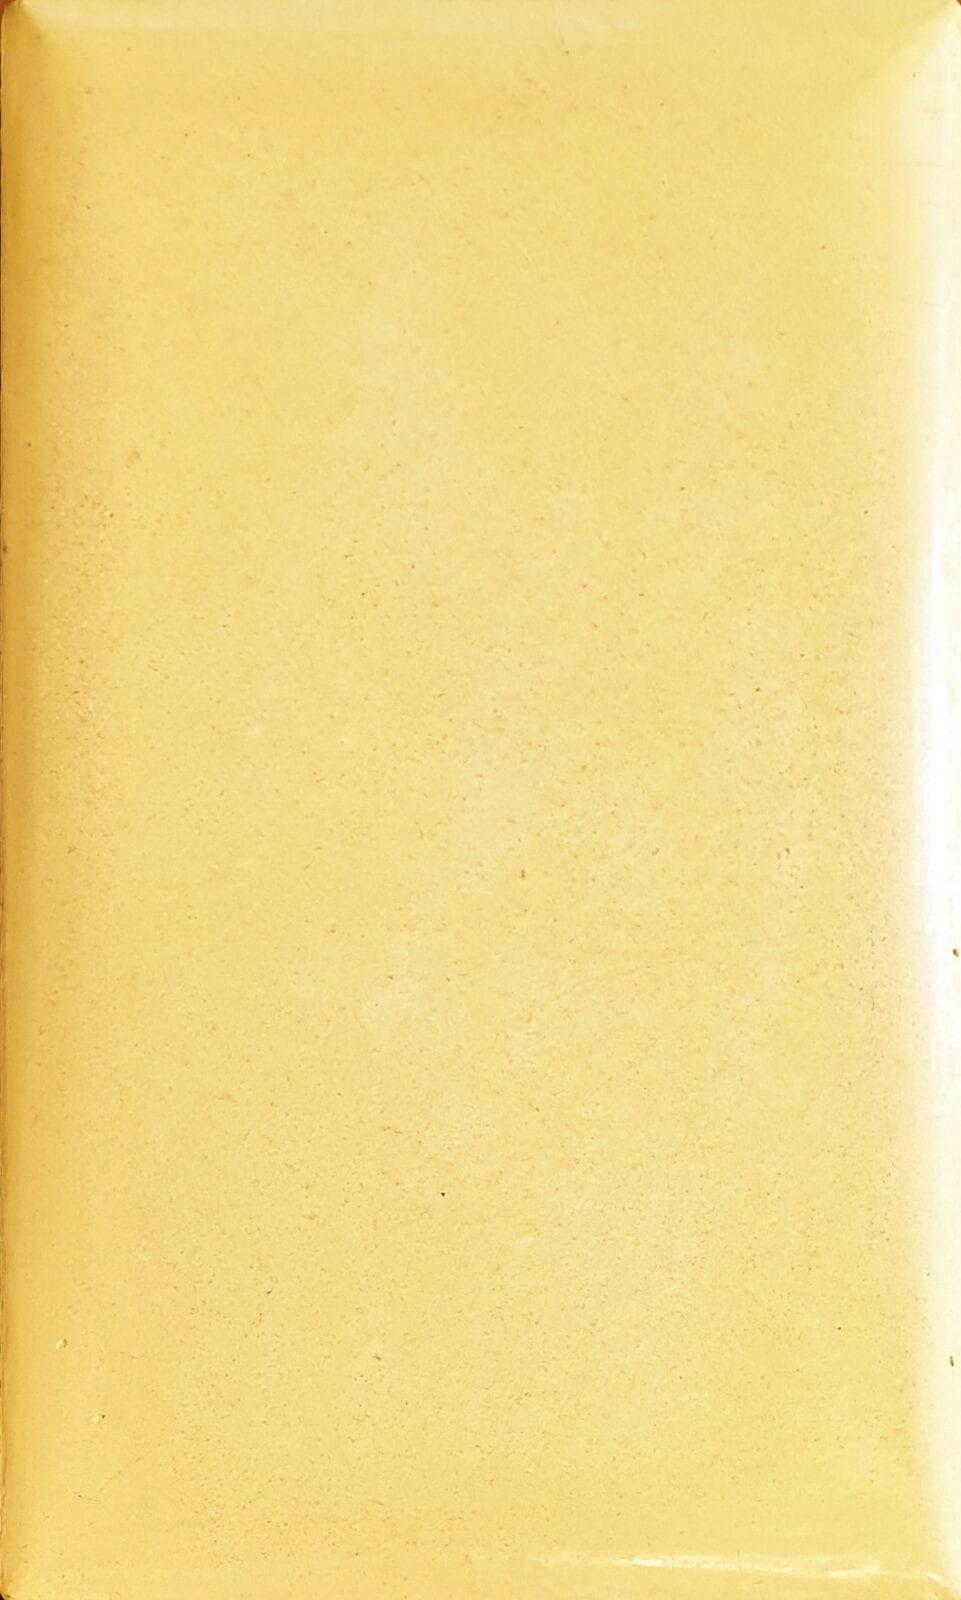 Tadelakt kleuren Perzisch geel